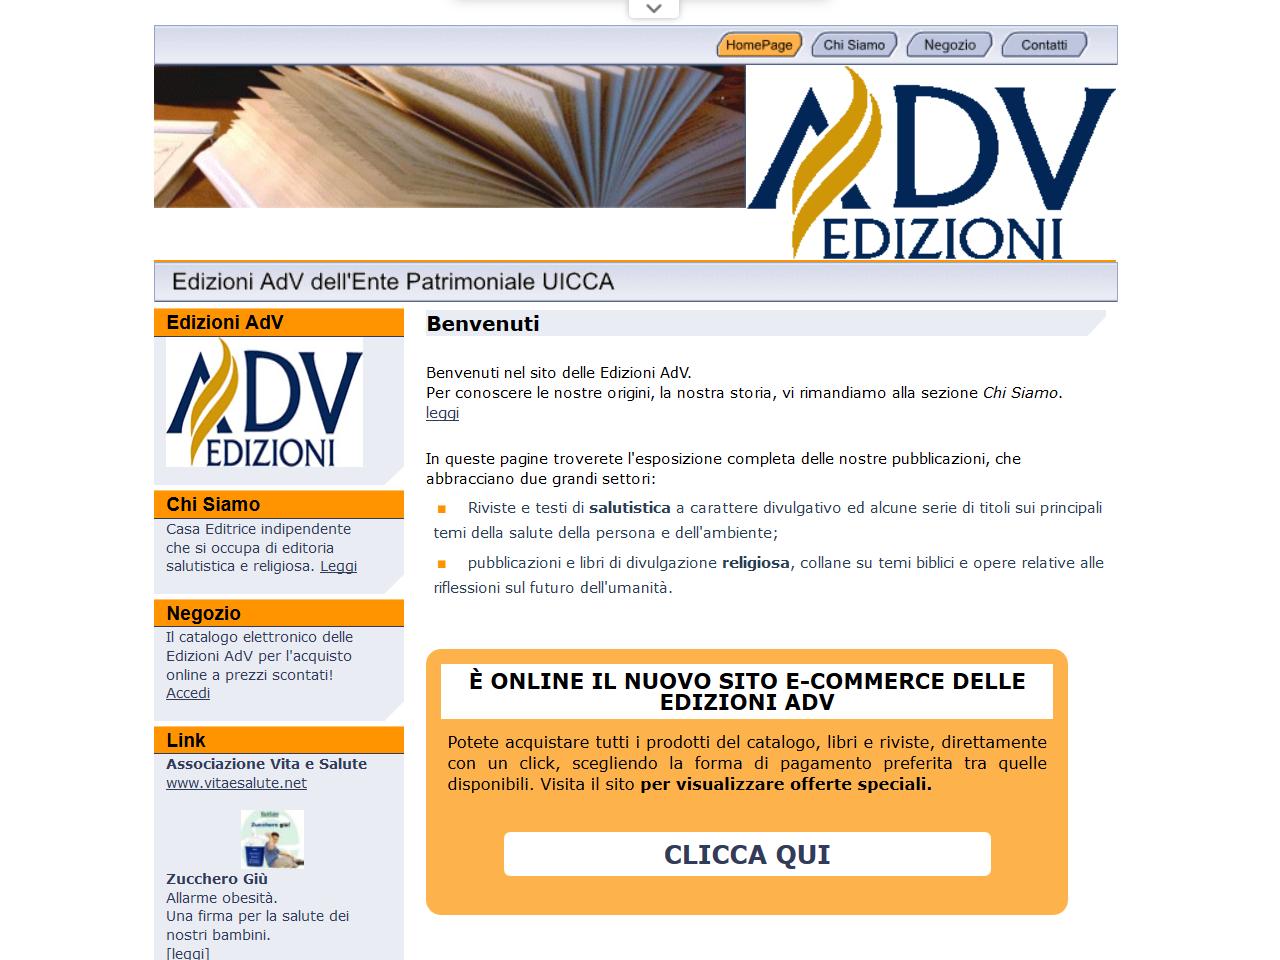 Edizioni ADV